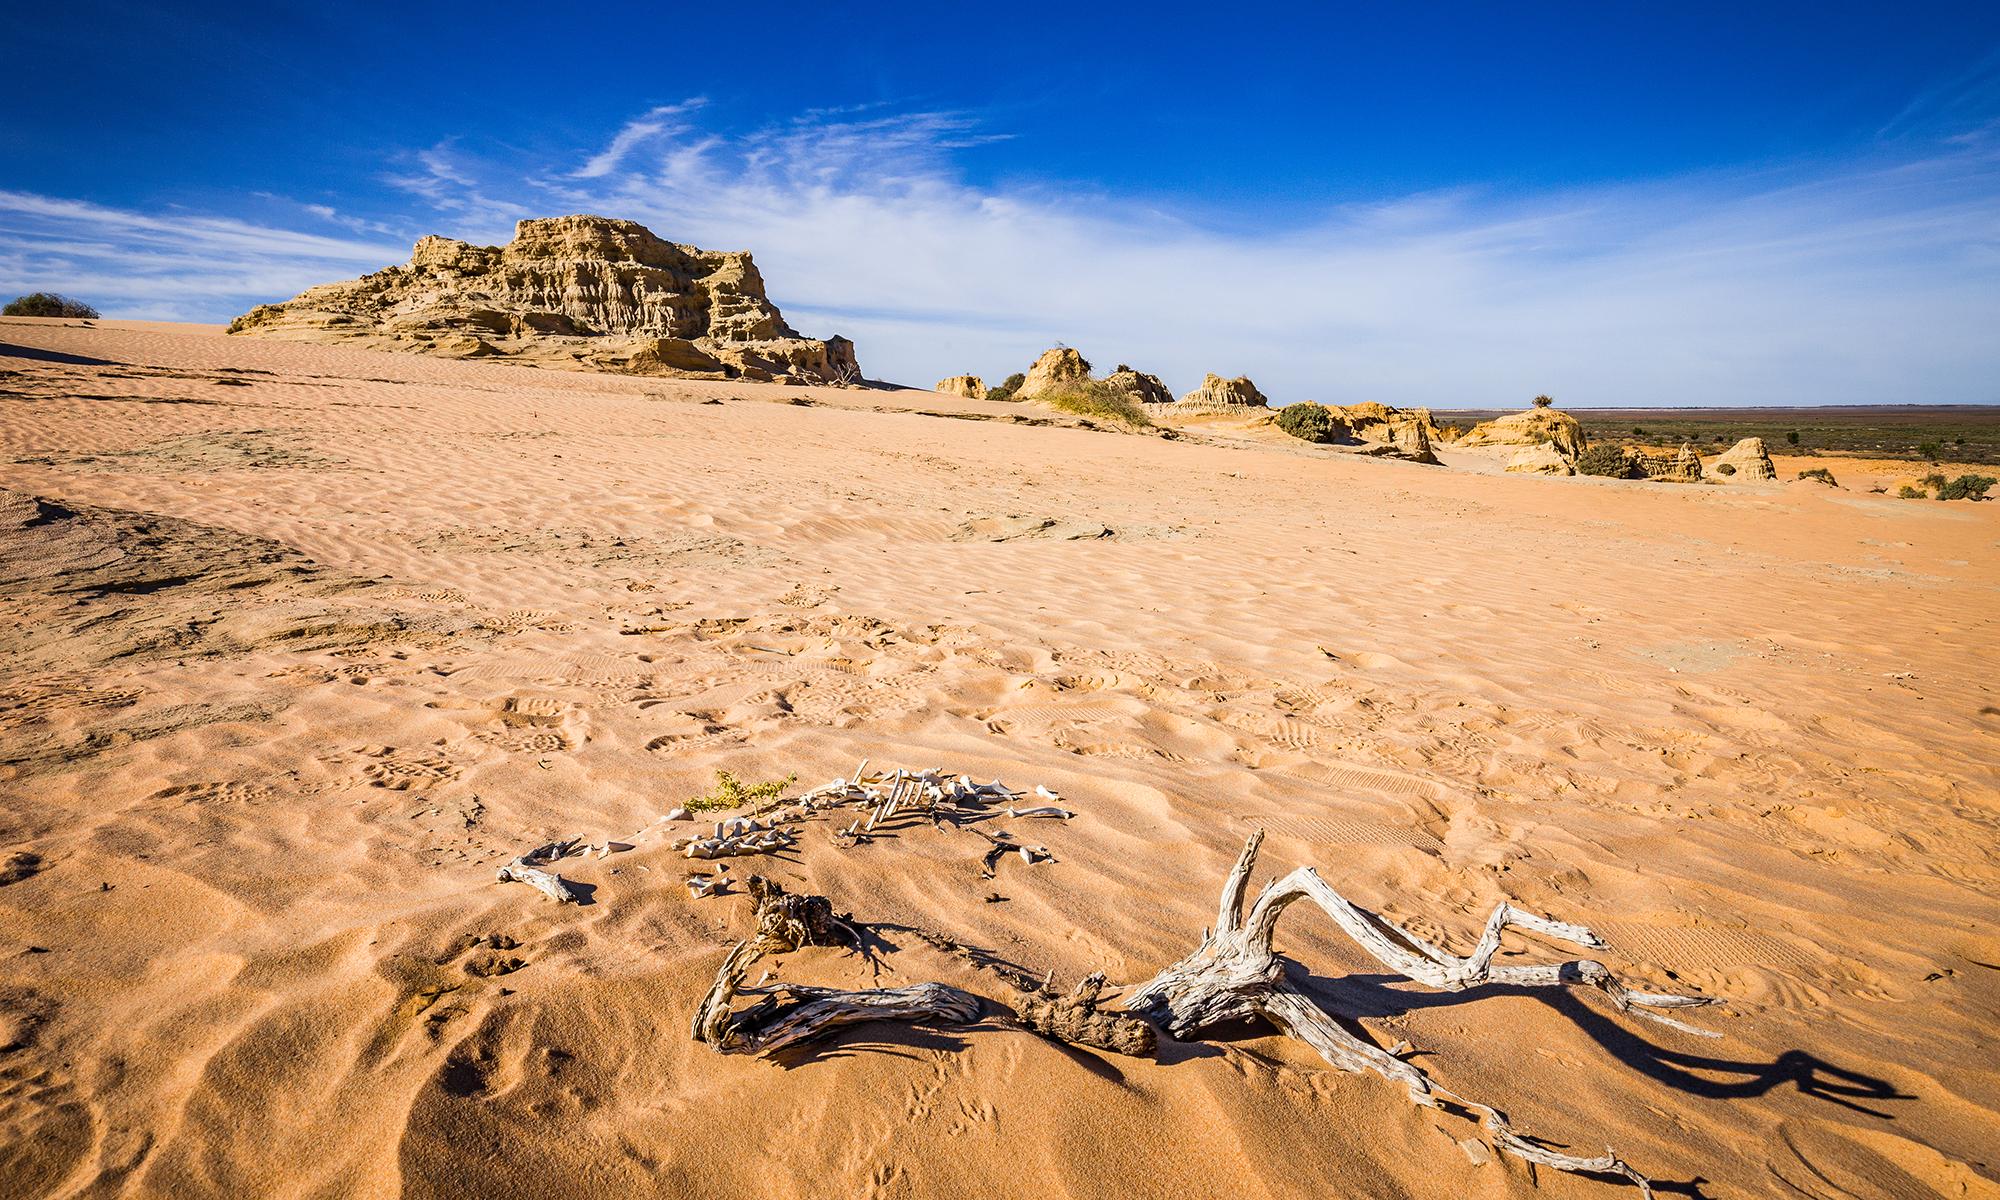 sand-dunes-bones